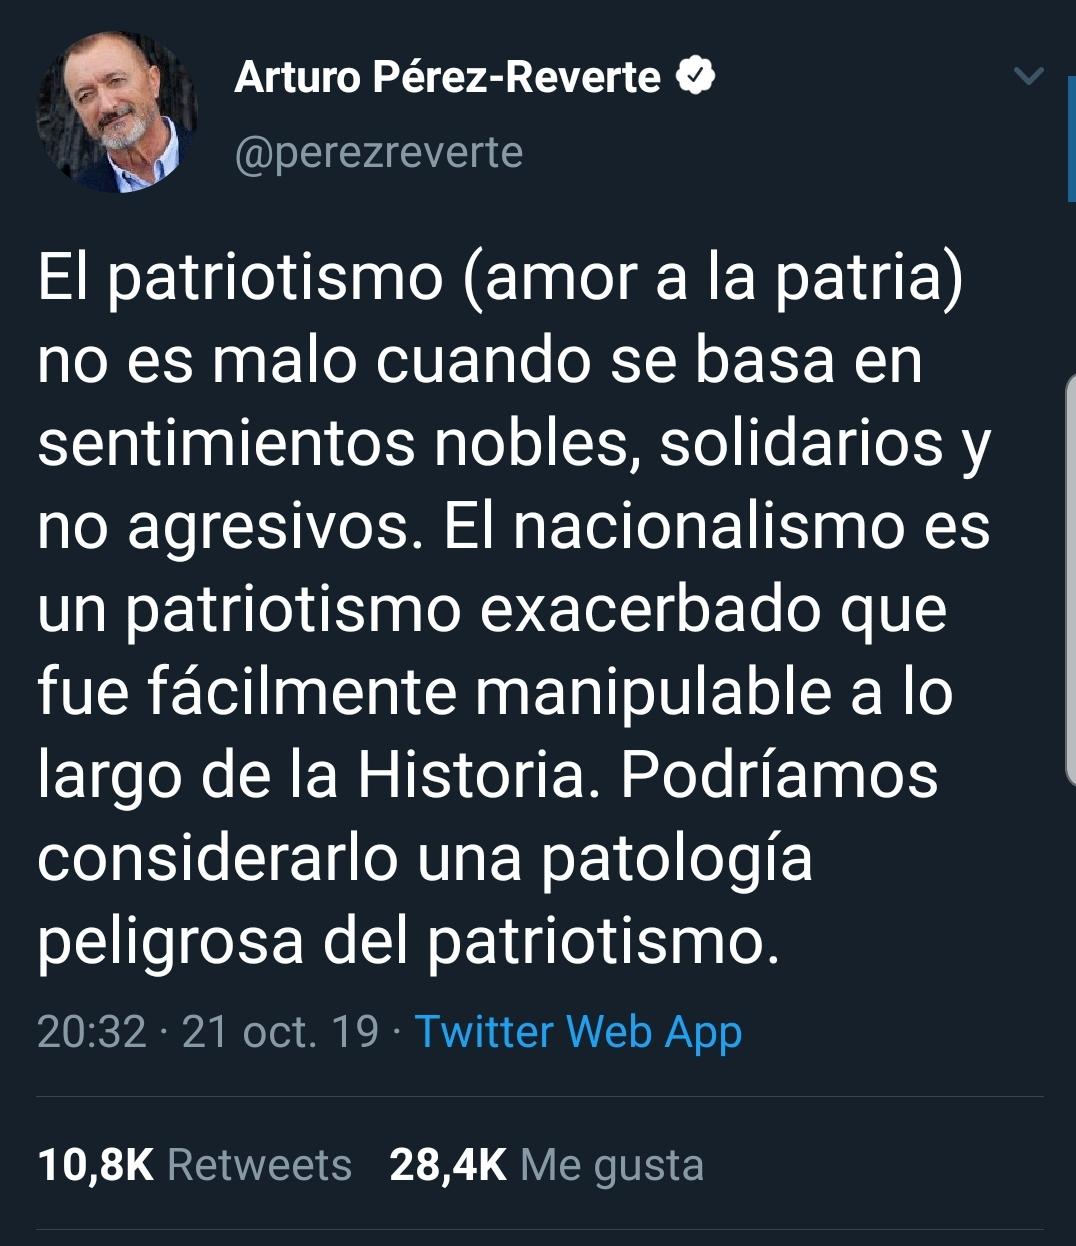 ¿Qué diferencia hay entre los nacionalismos y el patriotismo?